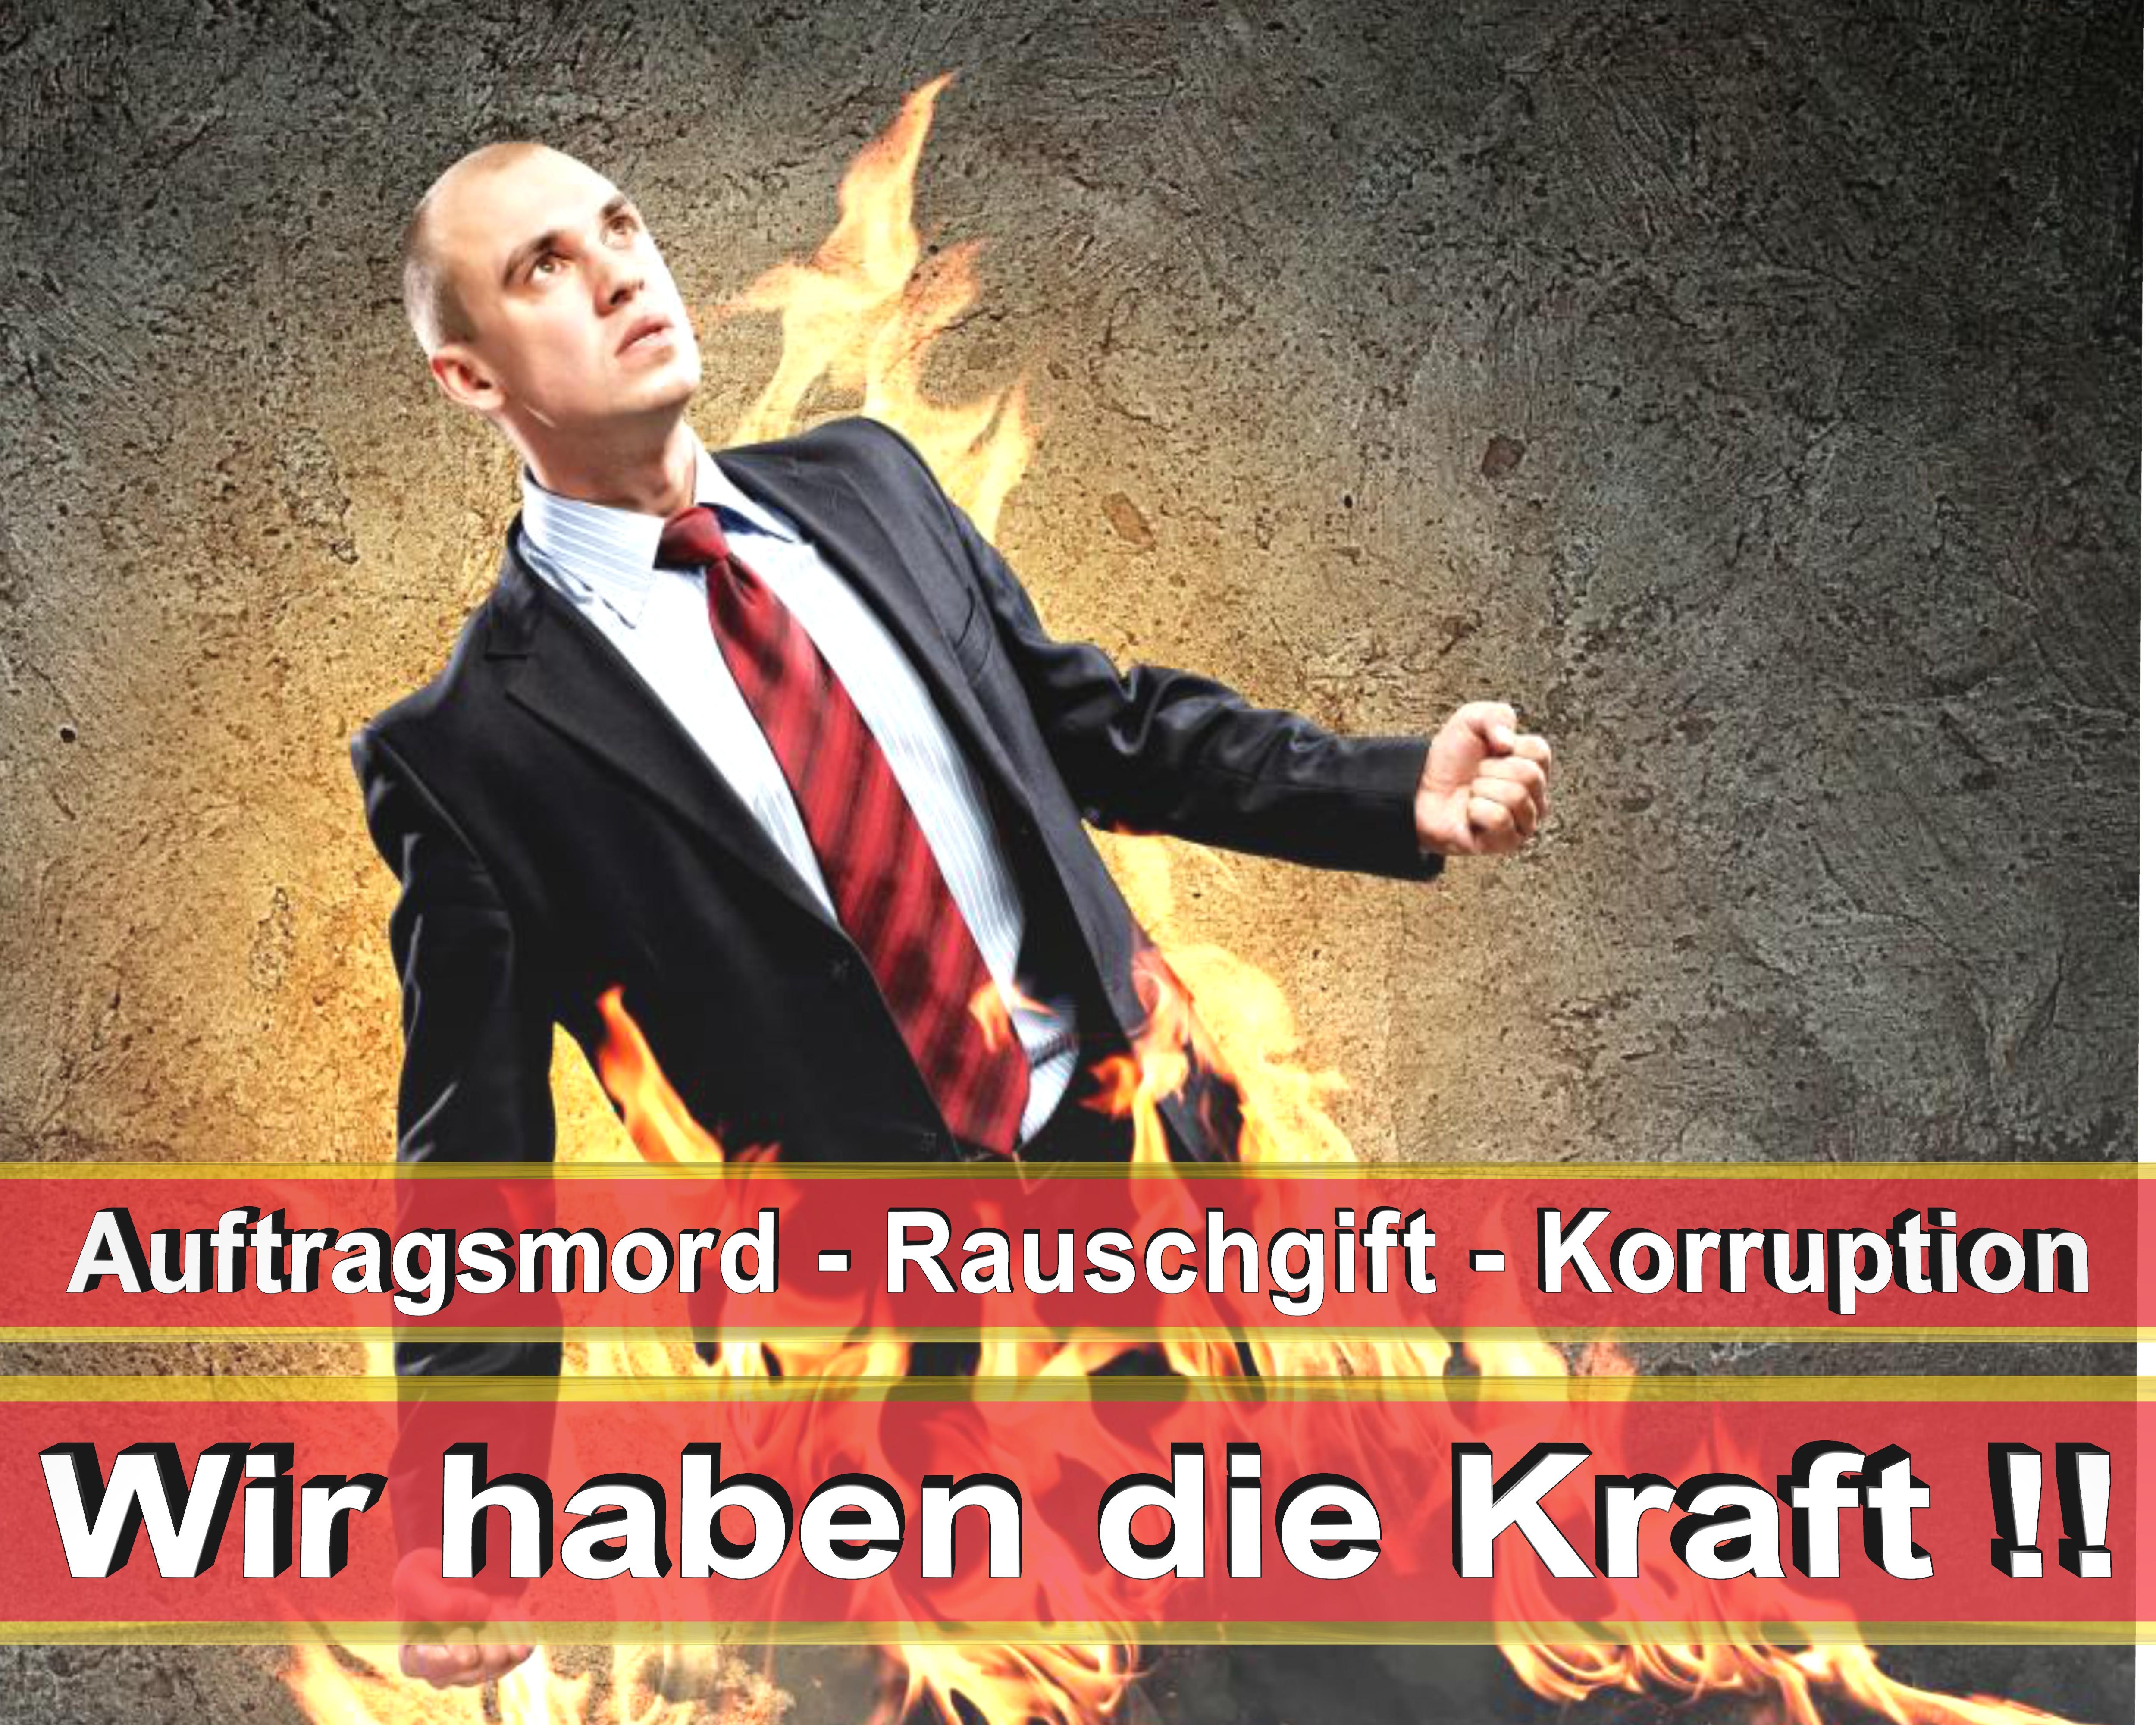 Bundestagswahl 2017 Wahlplakate CDU SPD FDP AFD NPD Angela Merkel Frauke Petry (7)